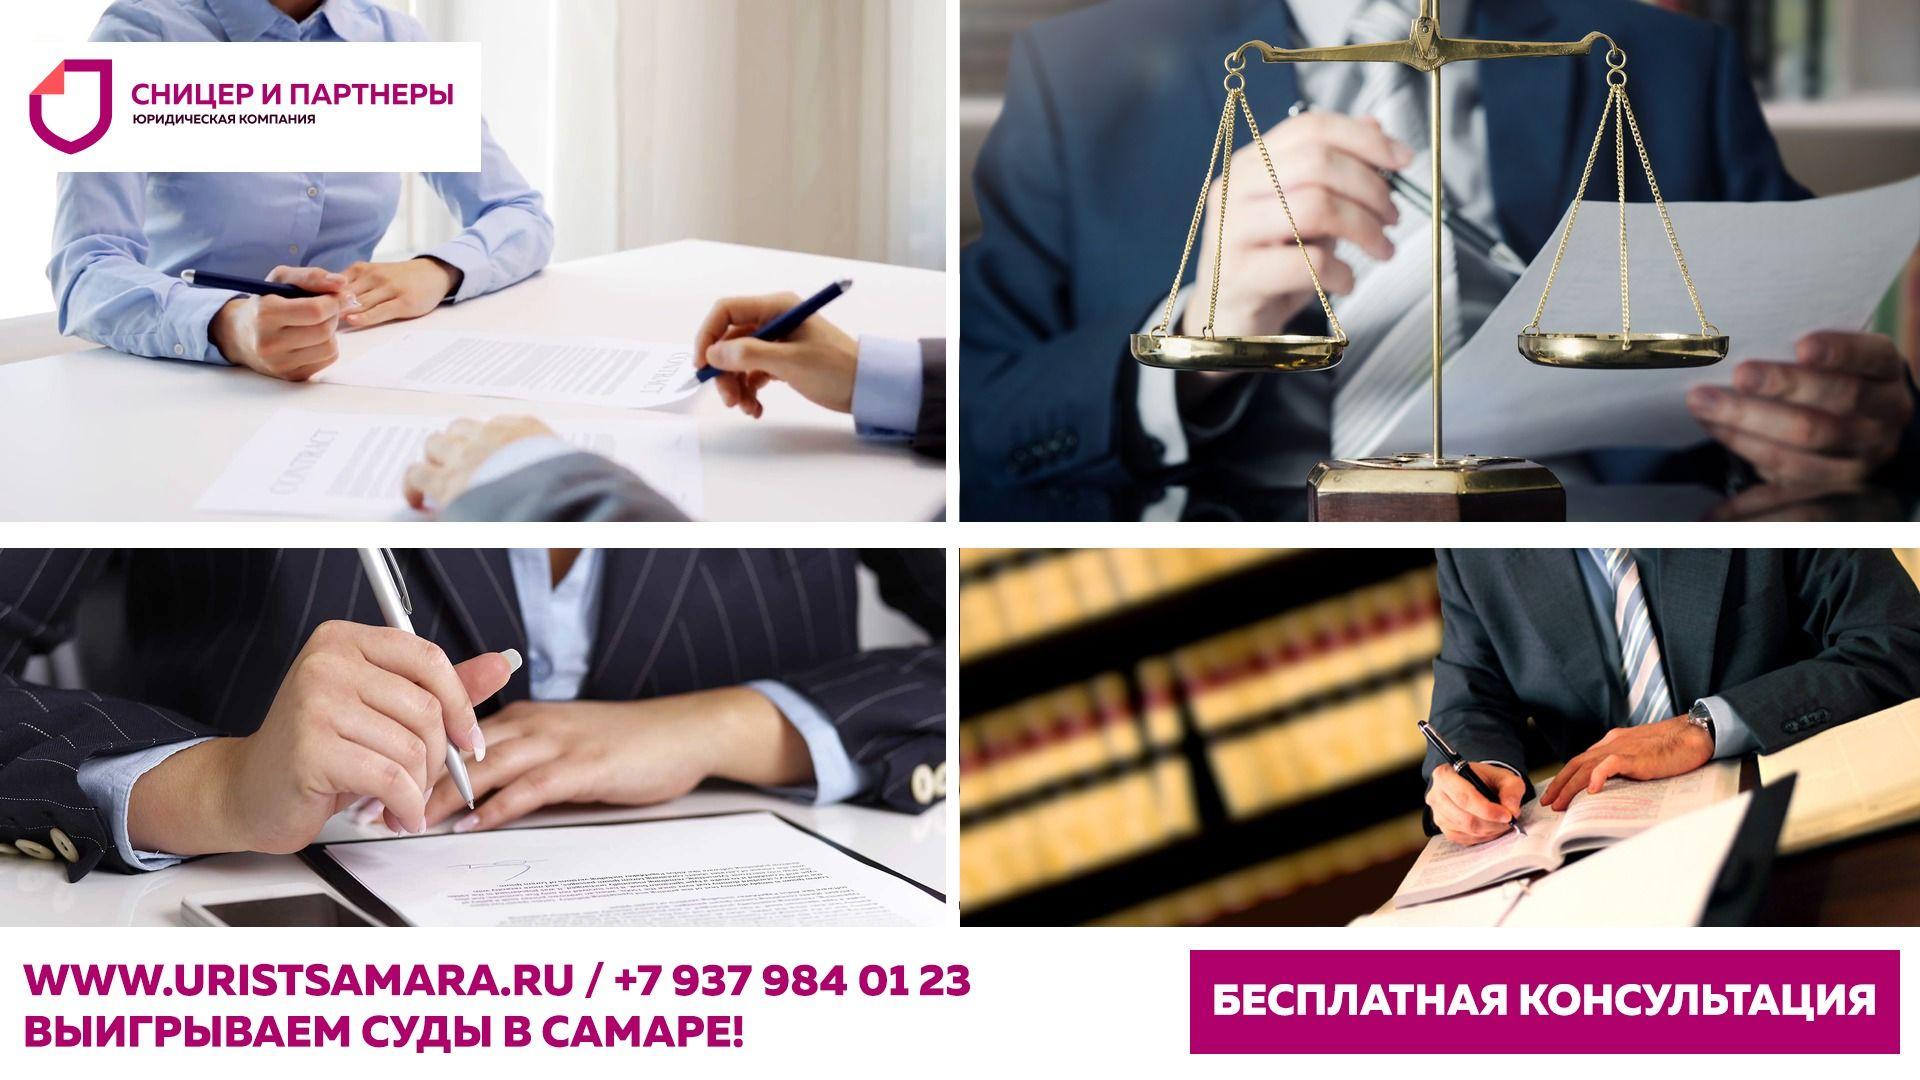 Консультация юриста по наследственным вопросам